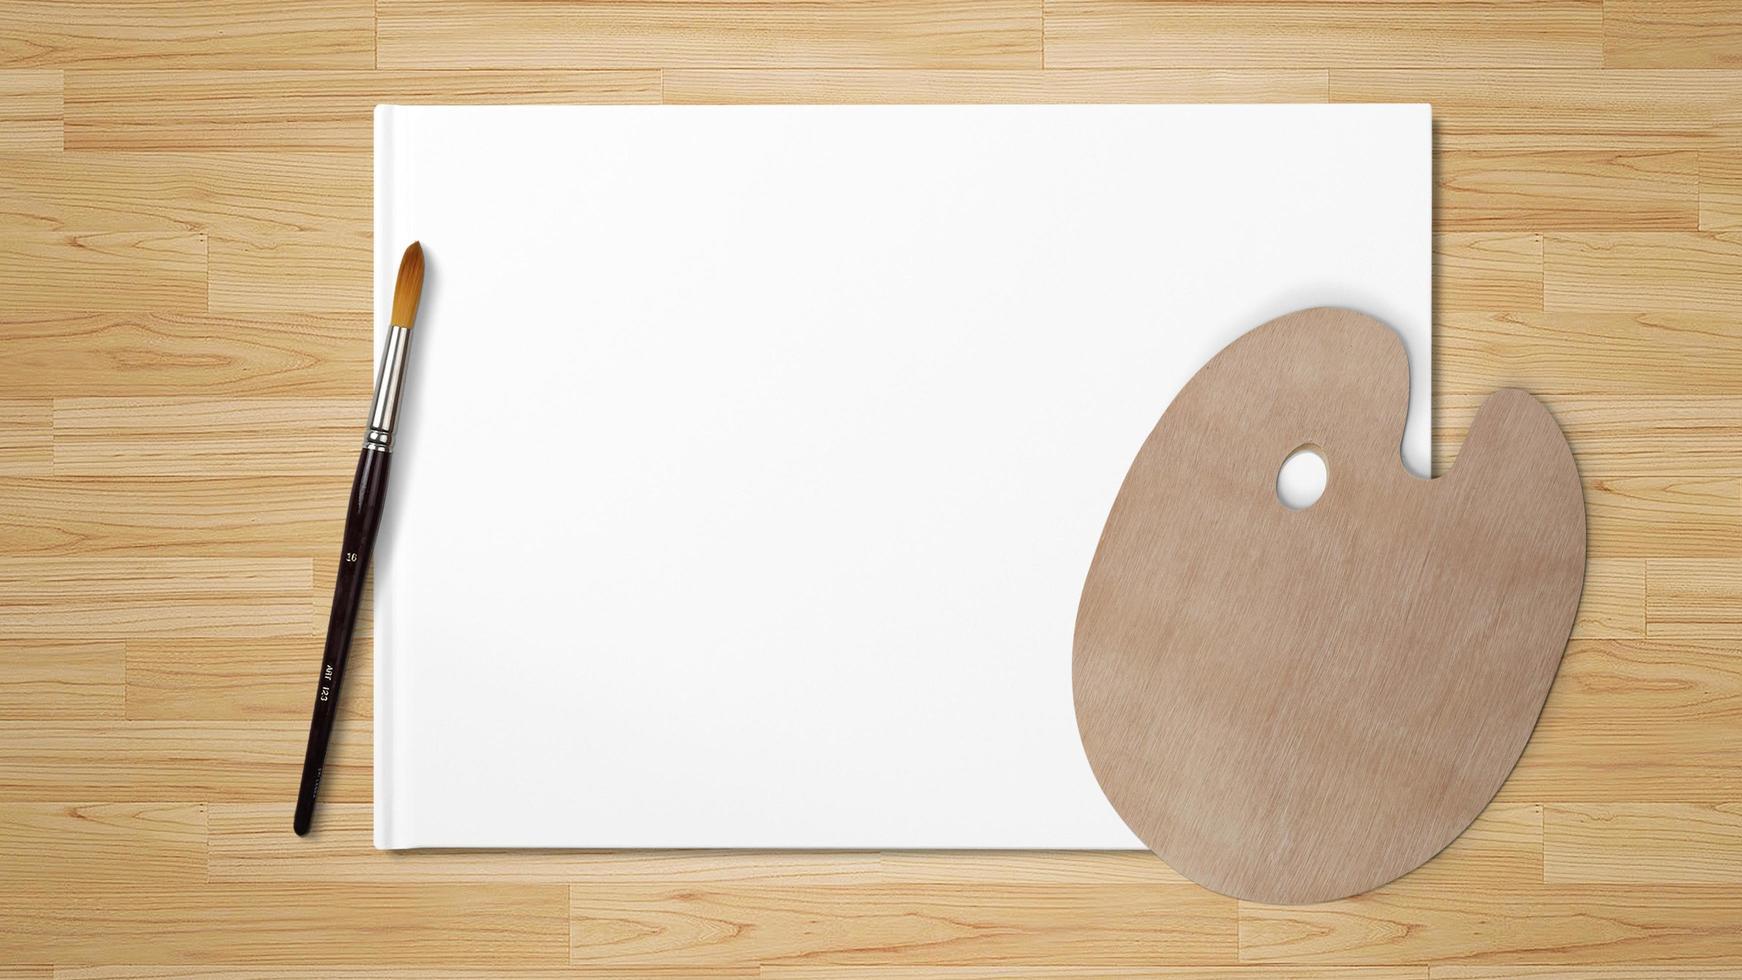 Nueva paleta de madera con pincel de arte, aislado sobre fondo blanco y fondo de madera foto